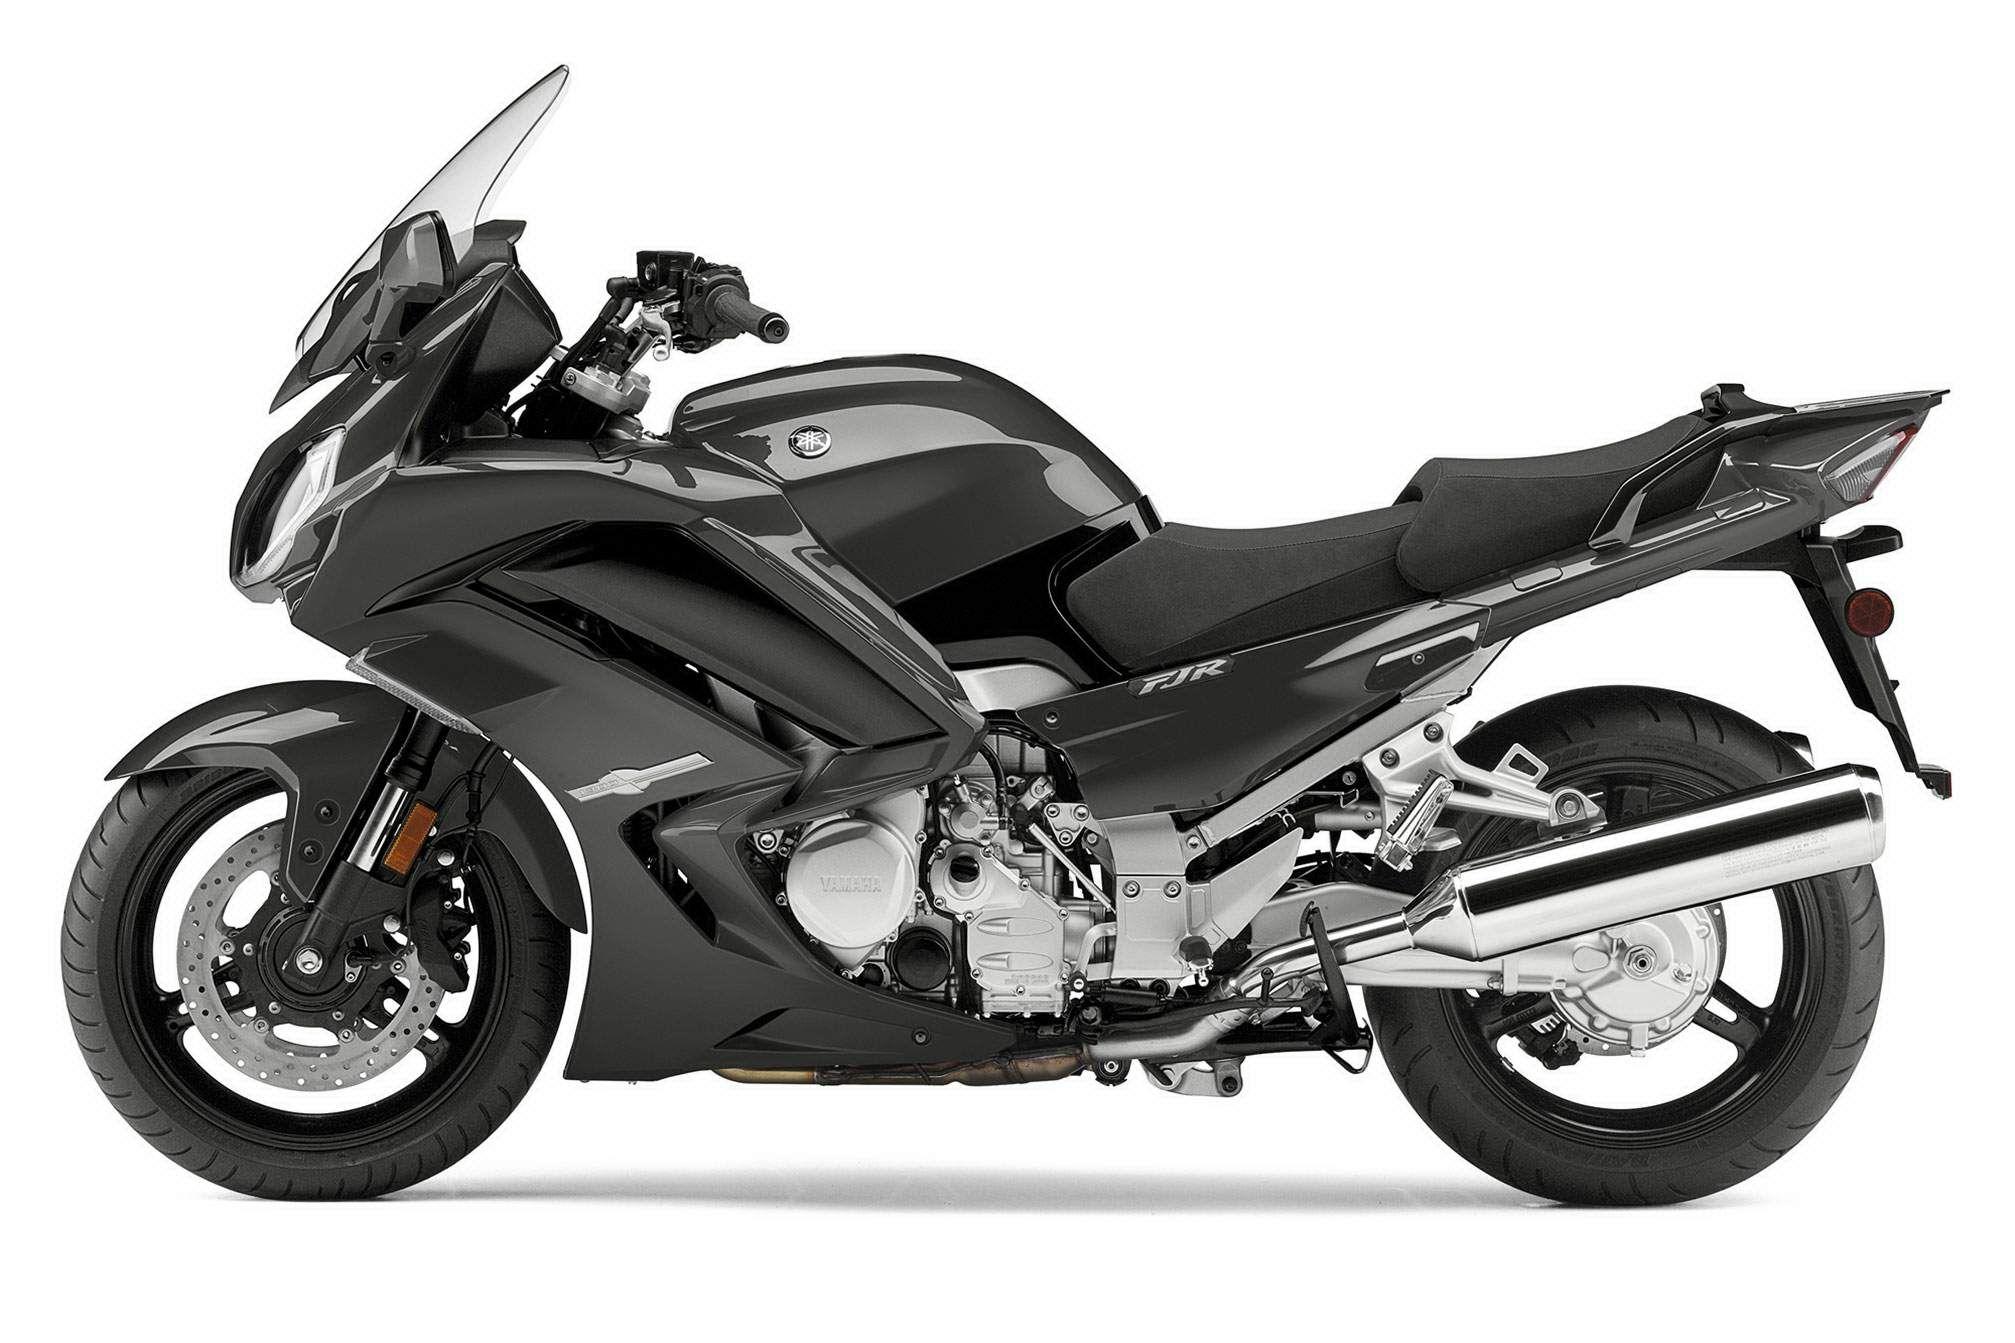 2015 Yamaha FJR1300AE Photo HD (met afbeeldingen) Motor